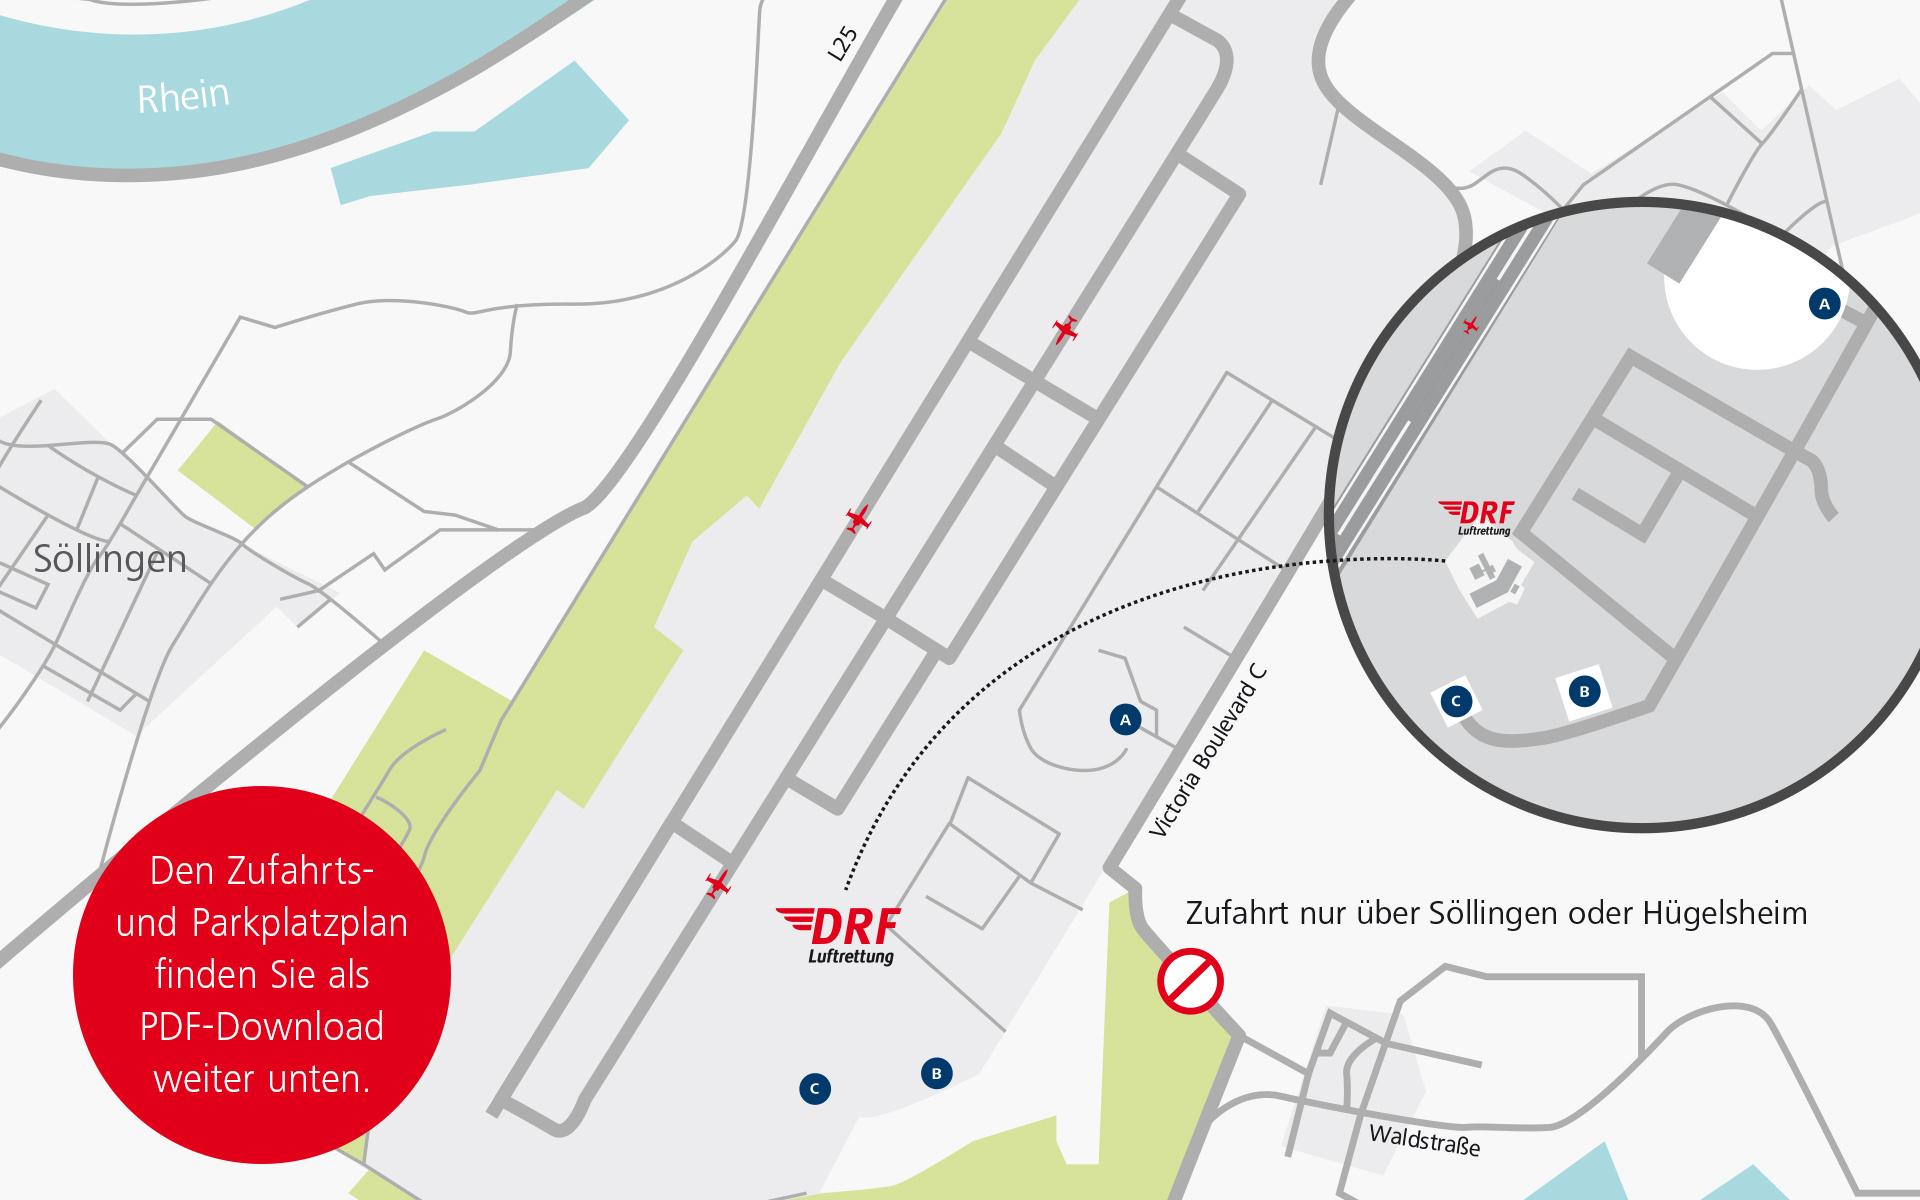 Es stehen drei kostenlose Parkplätze zur Verfügung (ausgeschildert mit A, B und C). Von diesen fahren Shuttlebusse im 10-Minuten-Takt zum Veranstaltungsgelände. Den vollständigen Zufahrts- und Parkplatzplan finden Sie weiter unten zum Download.